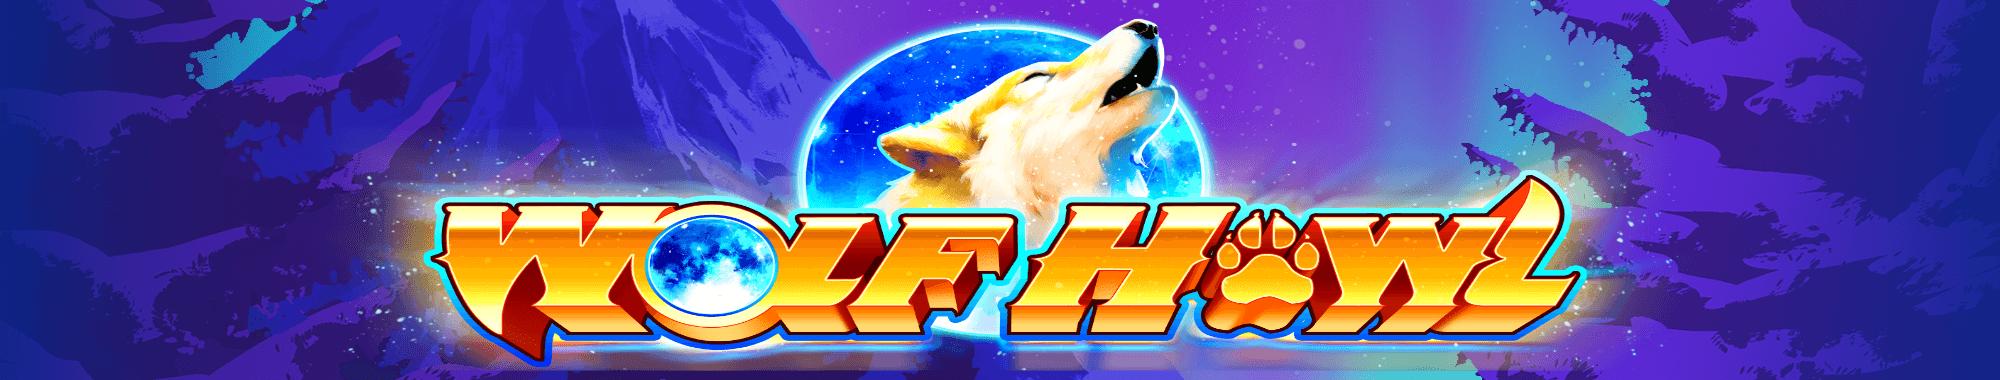 Wolf Howl Slot Bonus